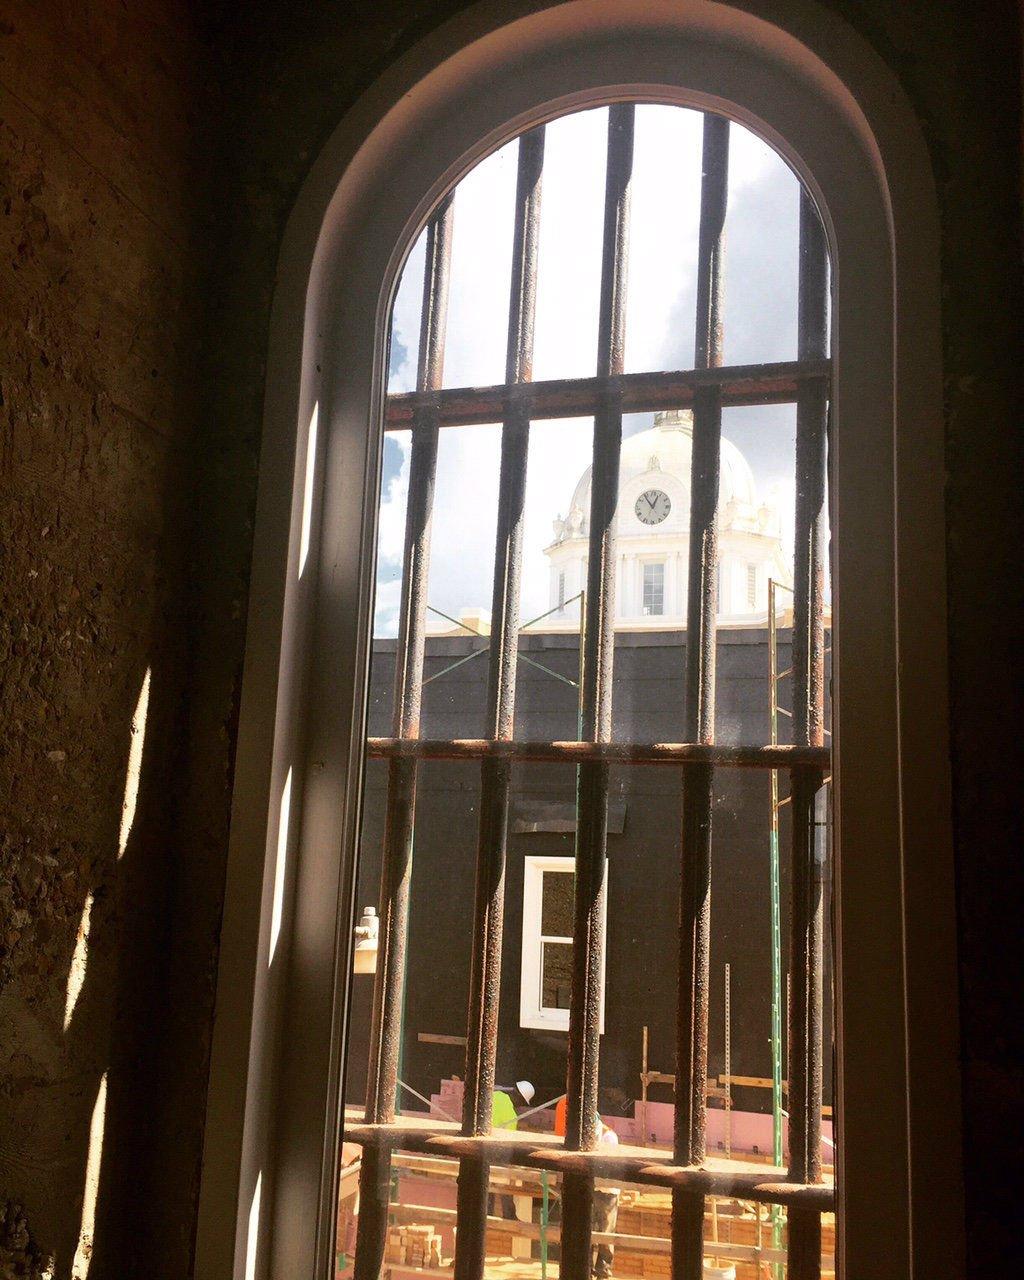 Inside the jail.